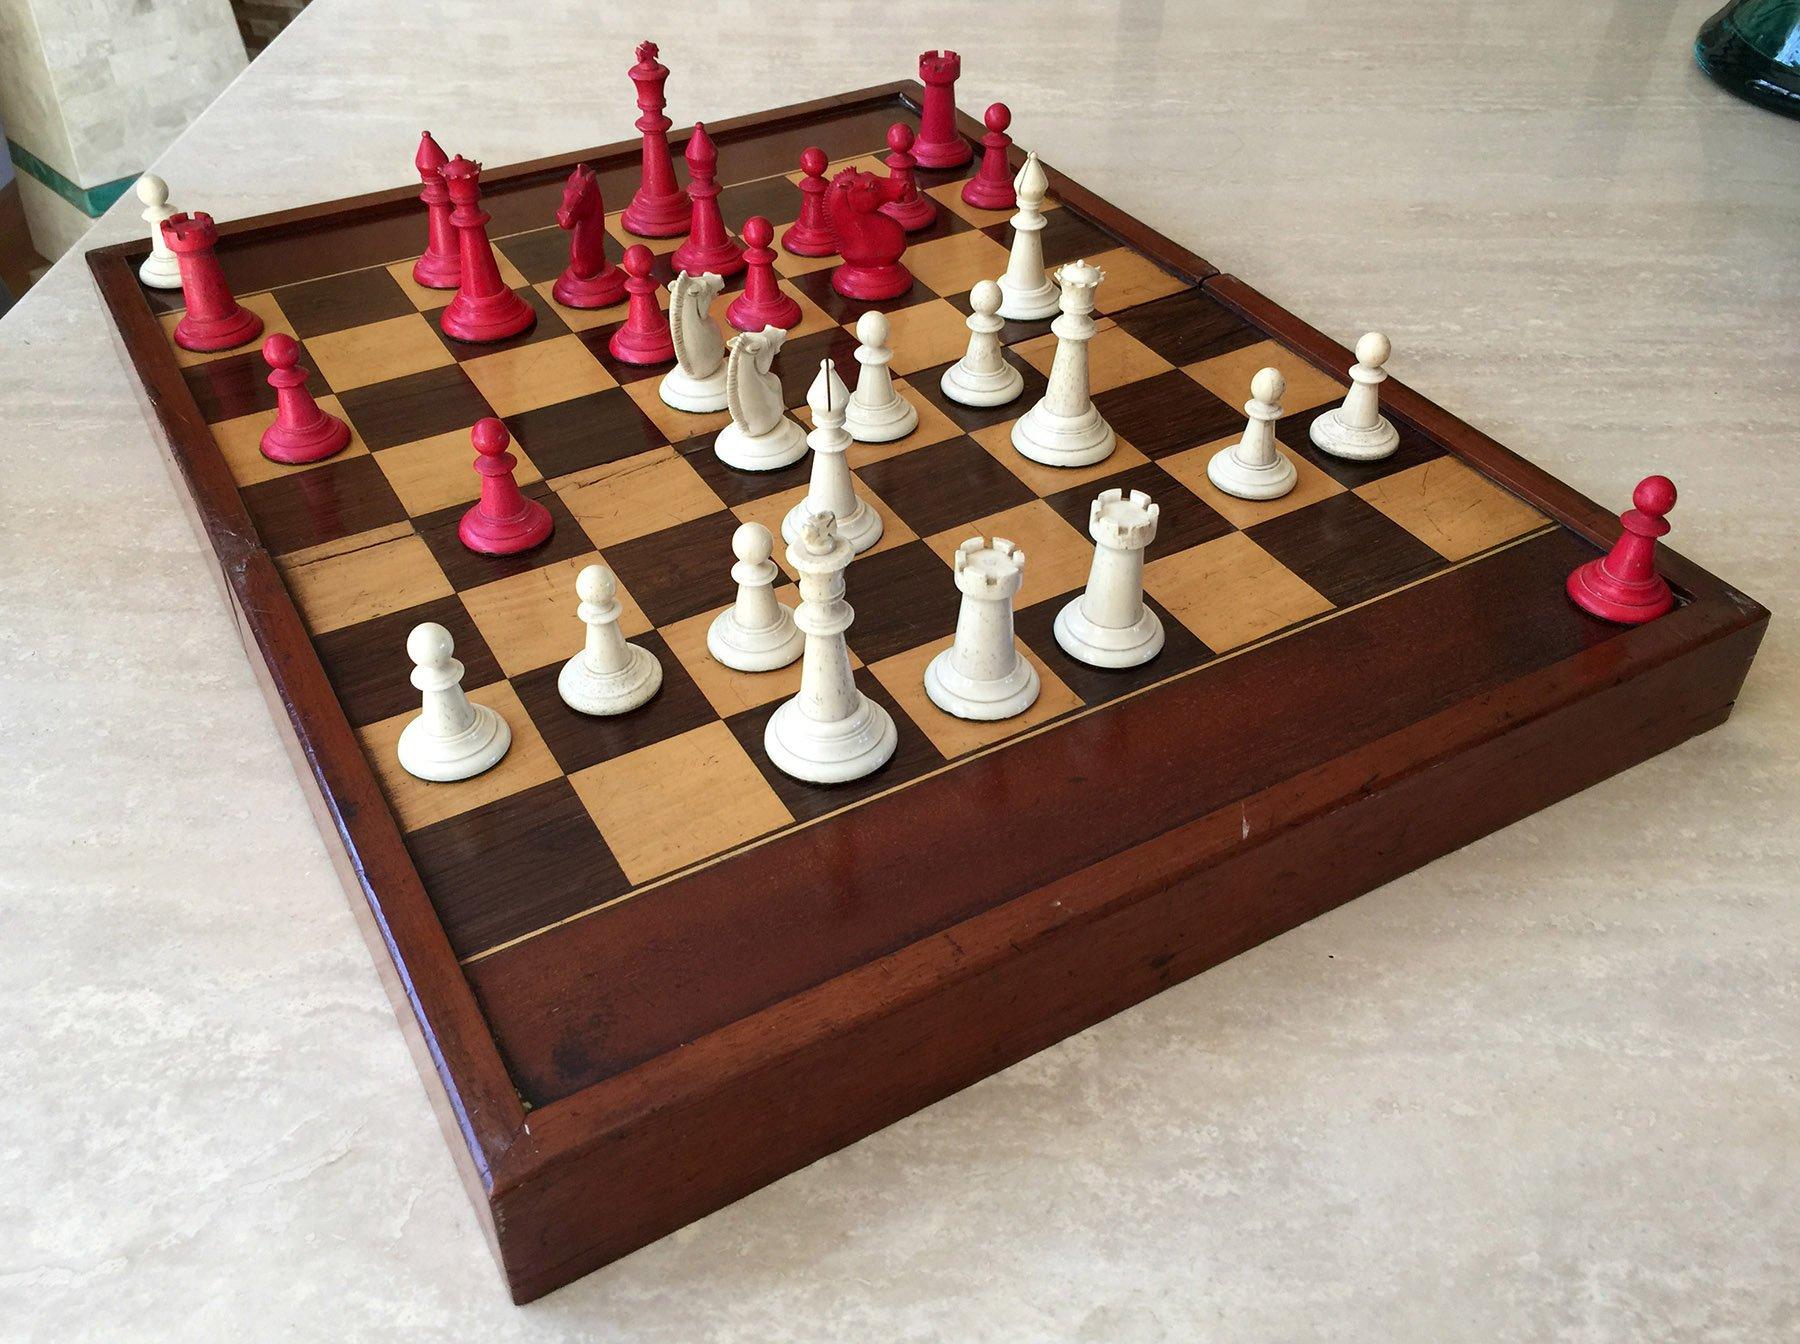 Corbould Bone Staunton Chessmen